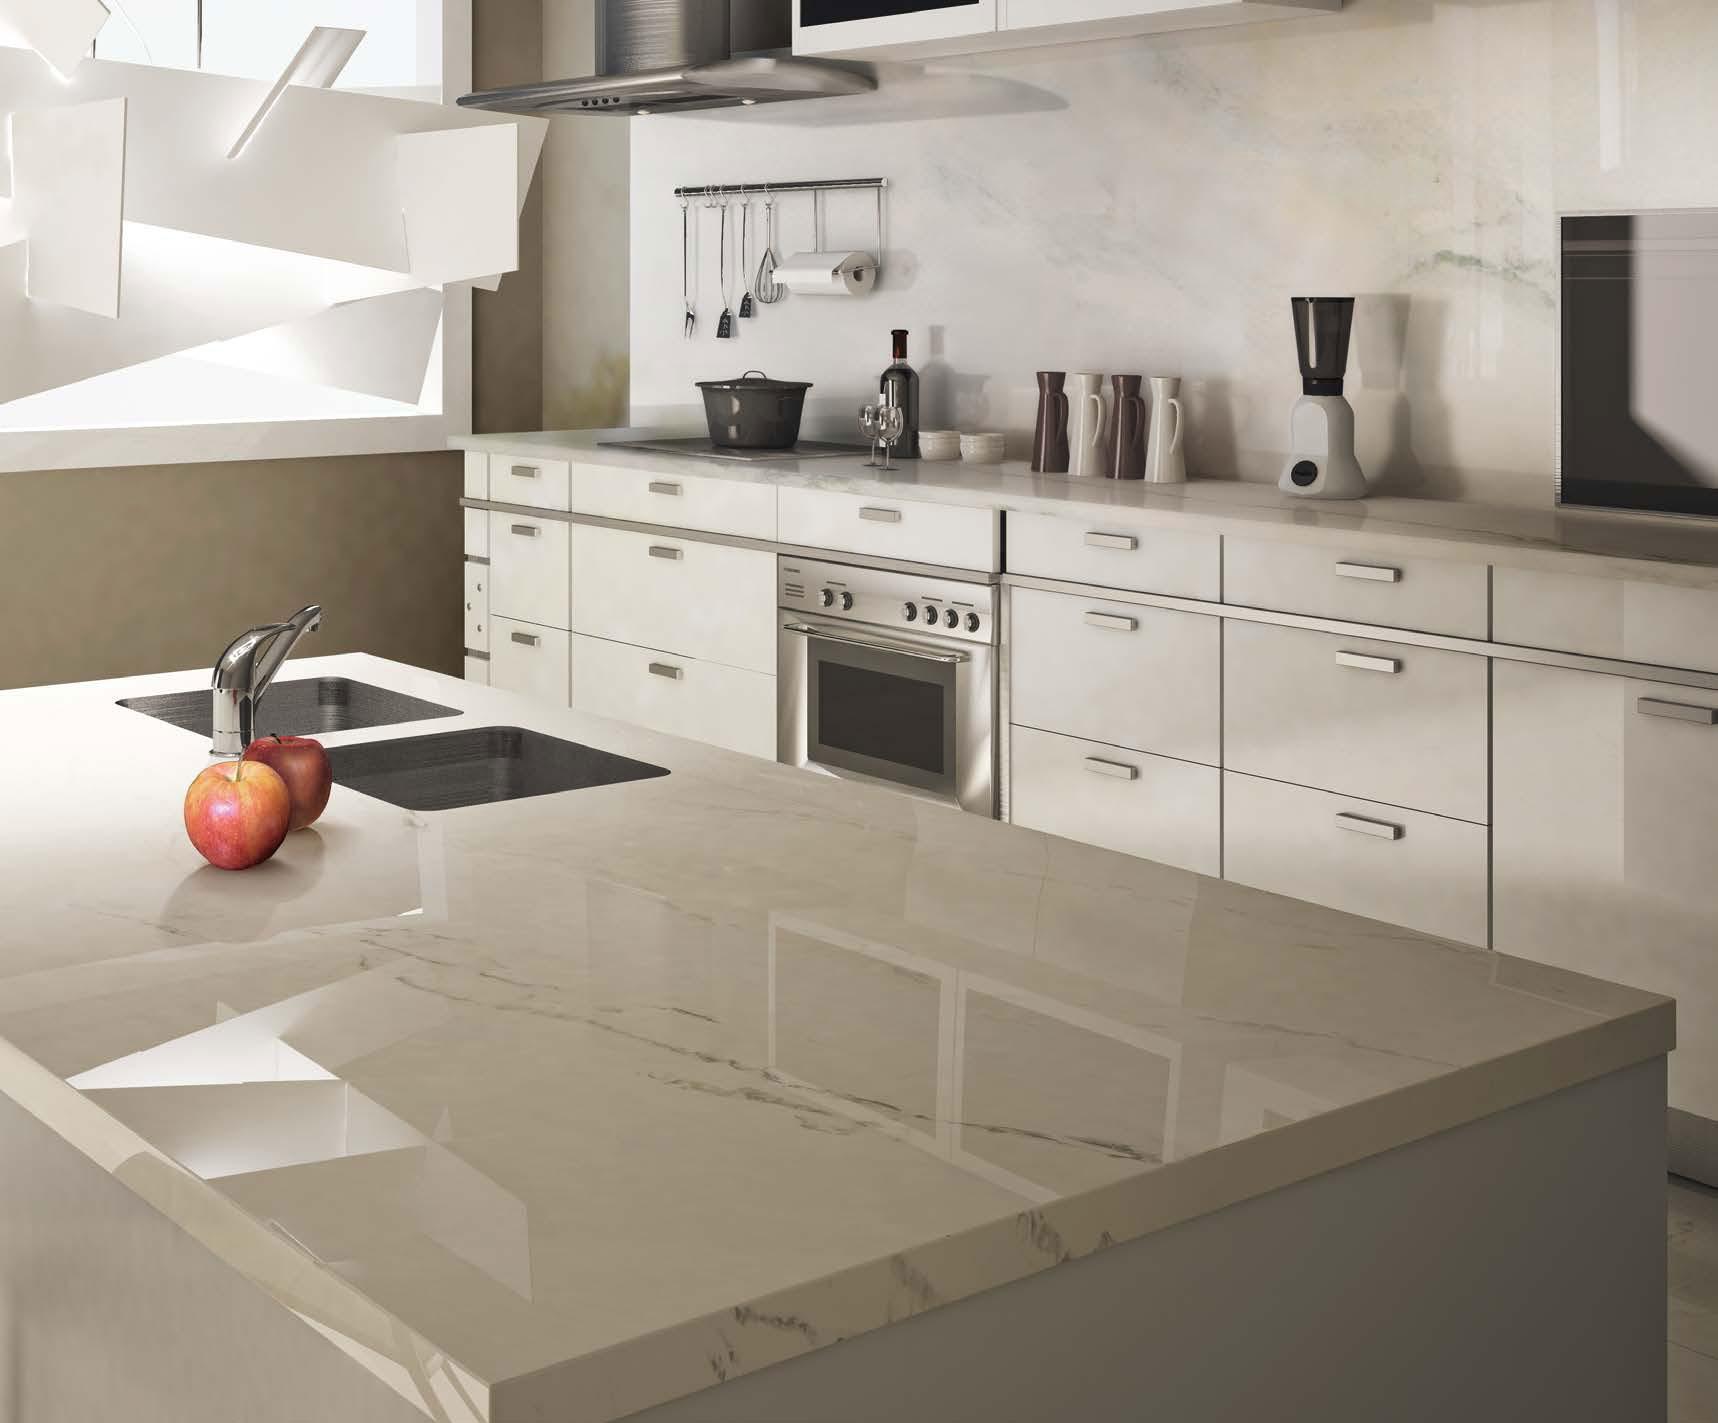 Top cucina bianco avetta - Tagliare top cucina ...